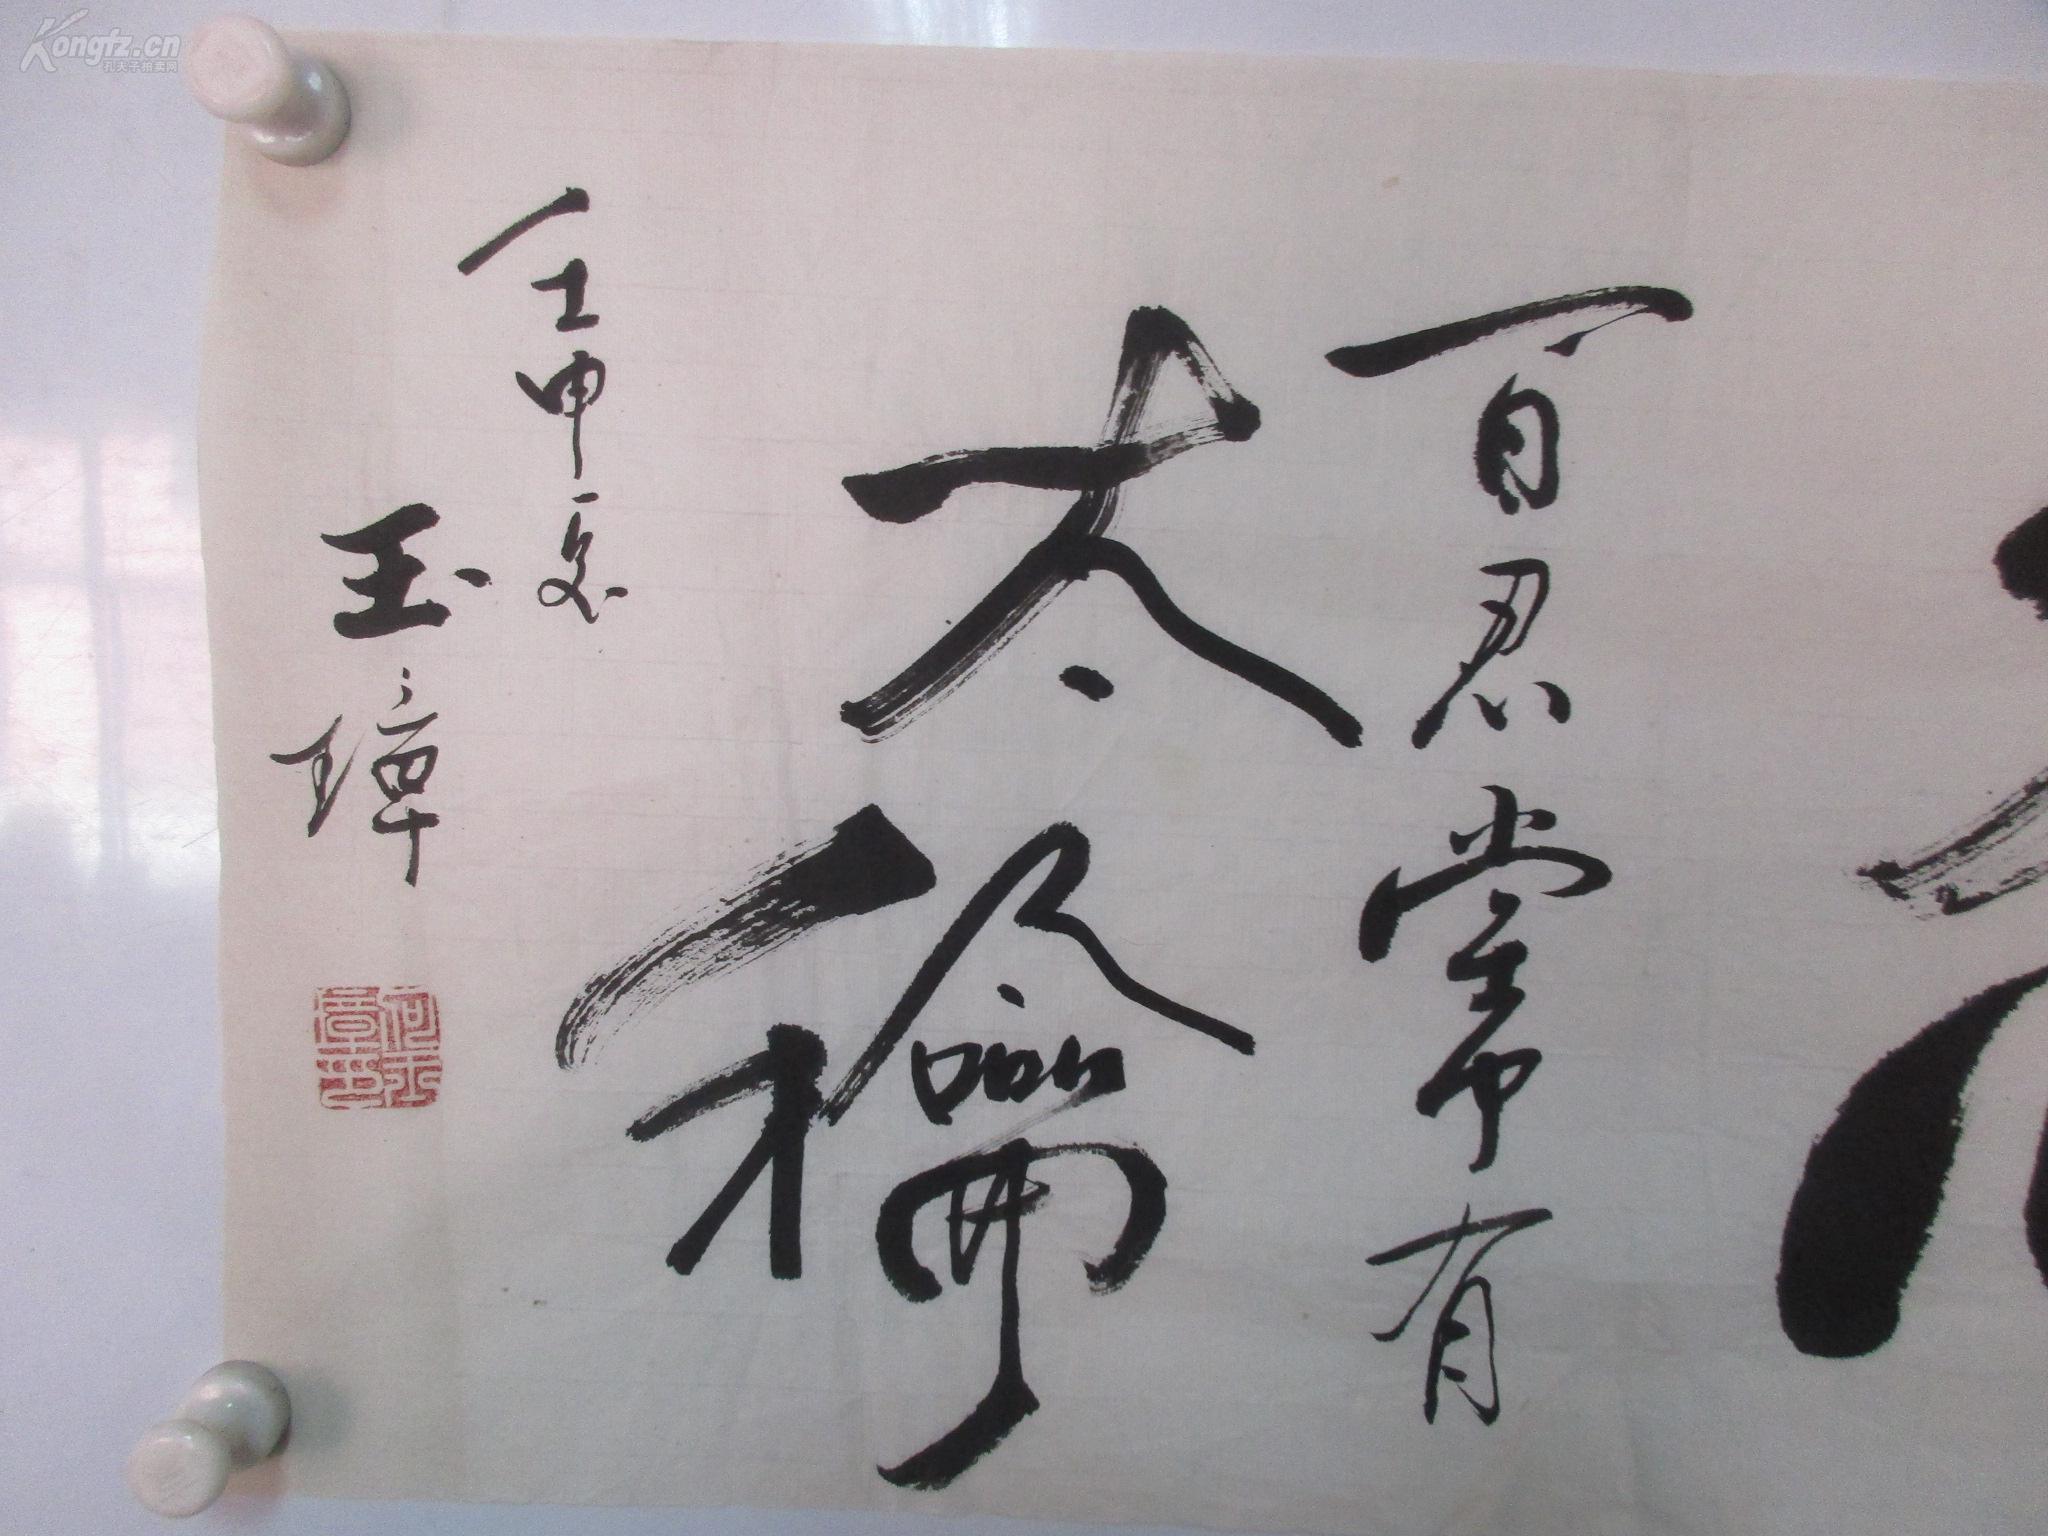 哥哥谢囹�a_著名书法家,教授何玉璋 书法作品一幅 尺寸34*68厘米c